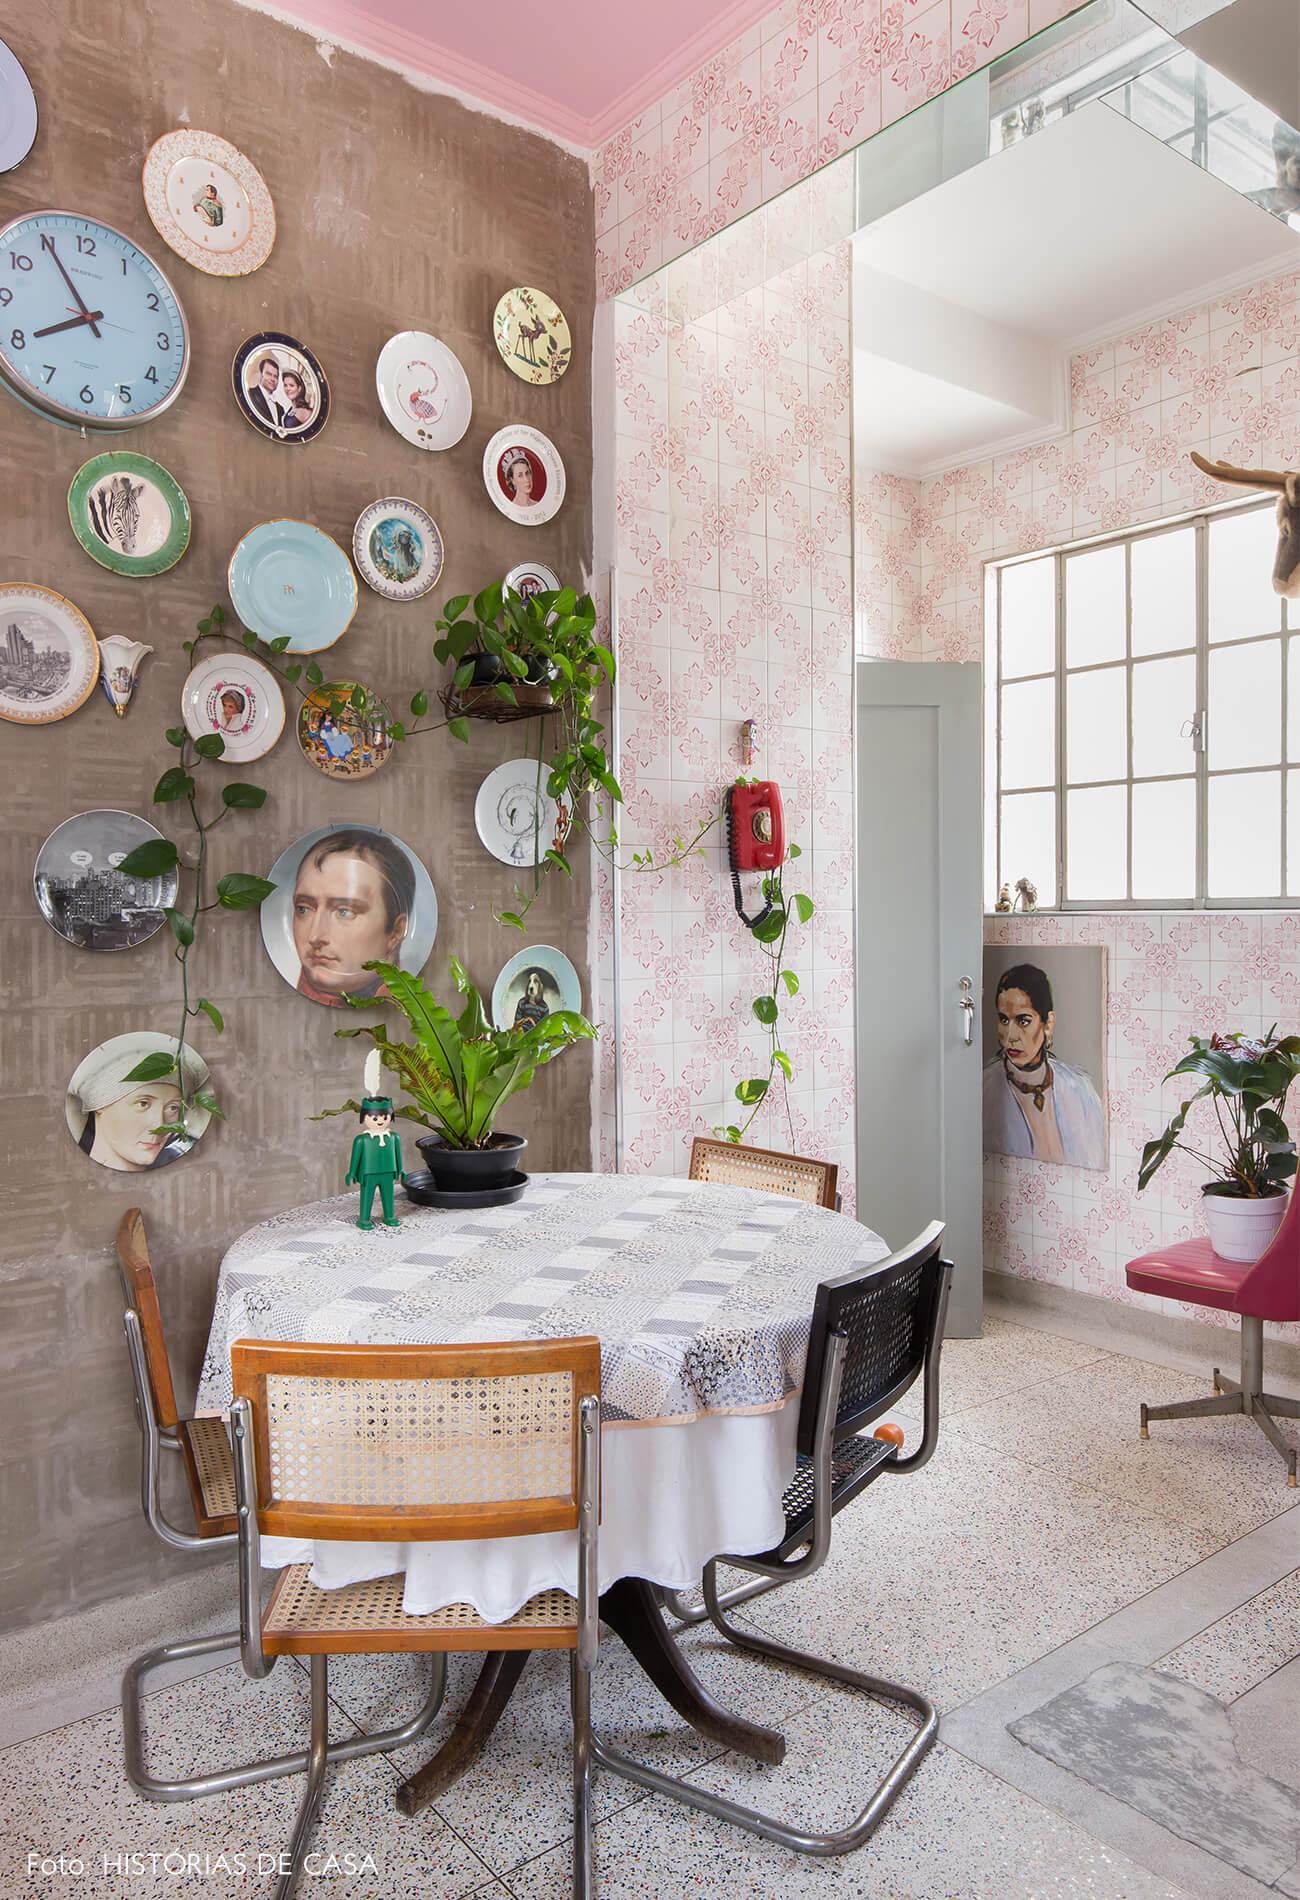 cozinha-com-azulejos-rosas-e-pratos-decorativos